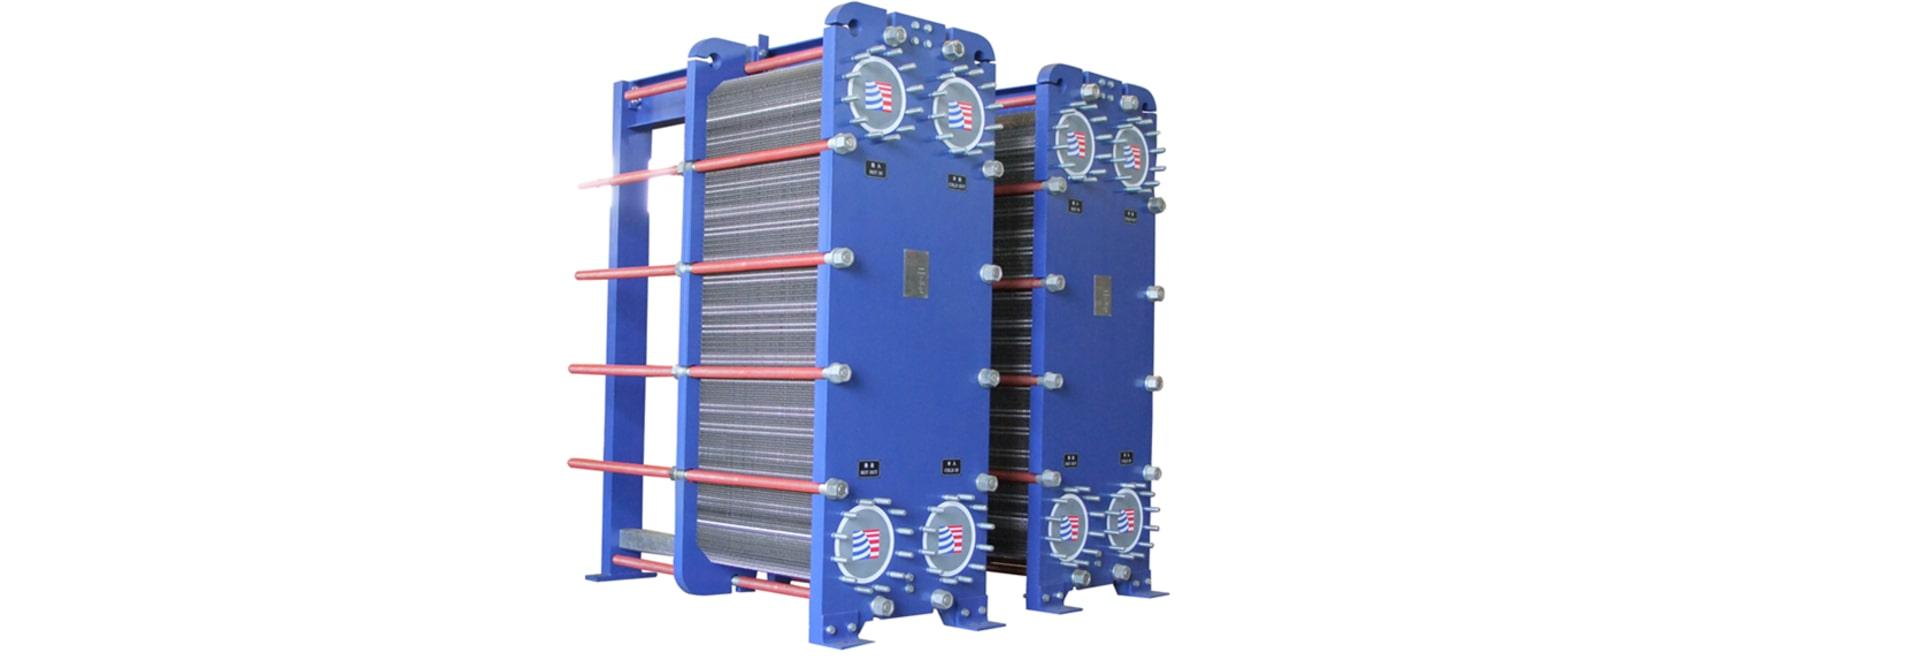 SmartHeat Plate Heat Exchanger